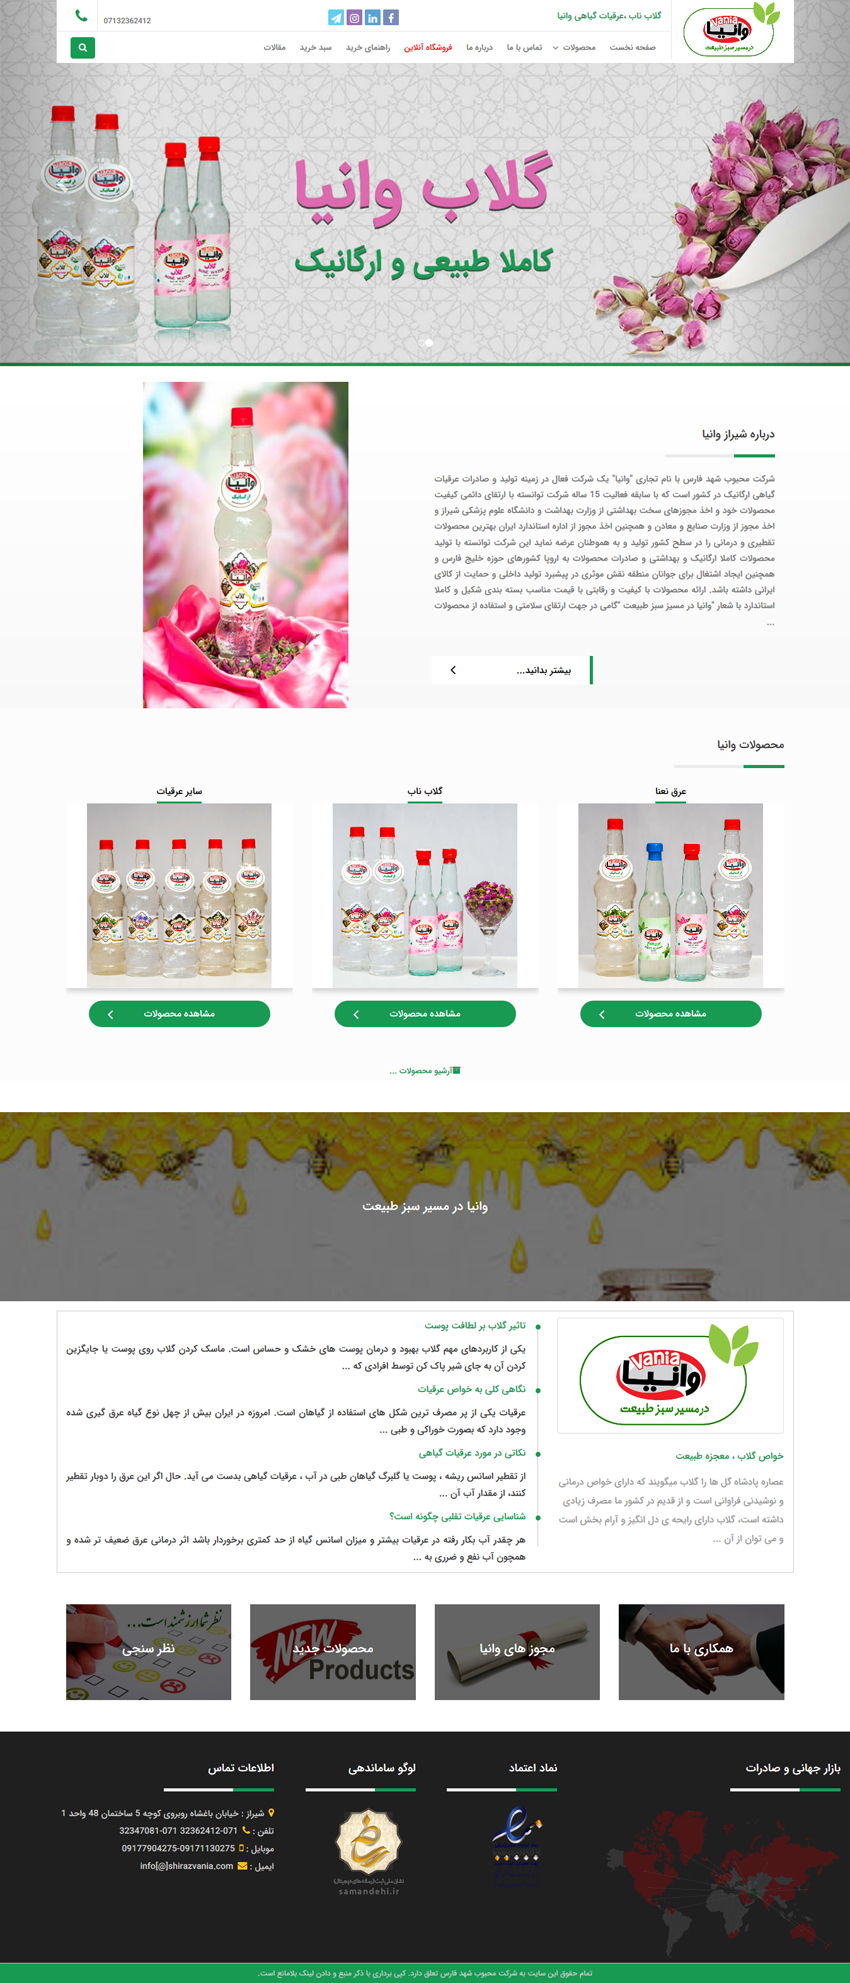 طراحی سایت گلاب